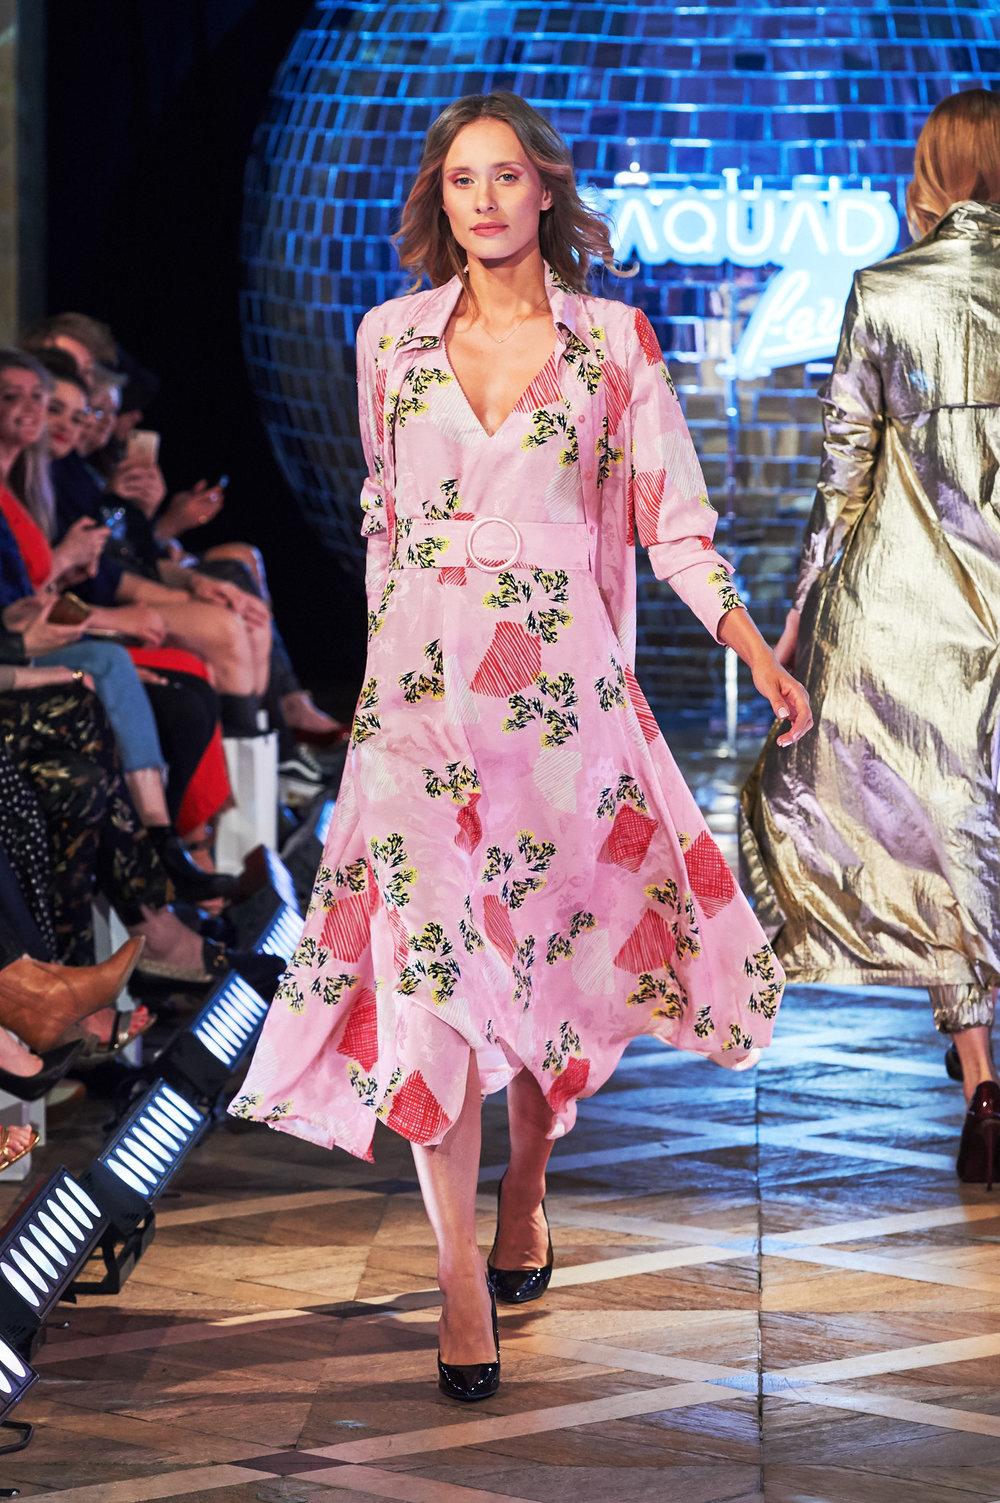 34_ZAQUAD_090519_lowres-fotFilipOkopny-FashionImages.jpg